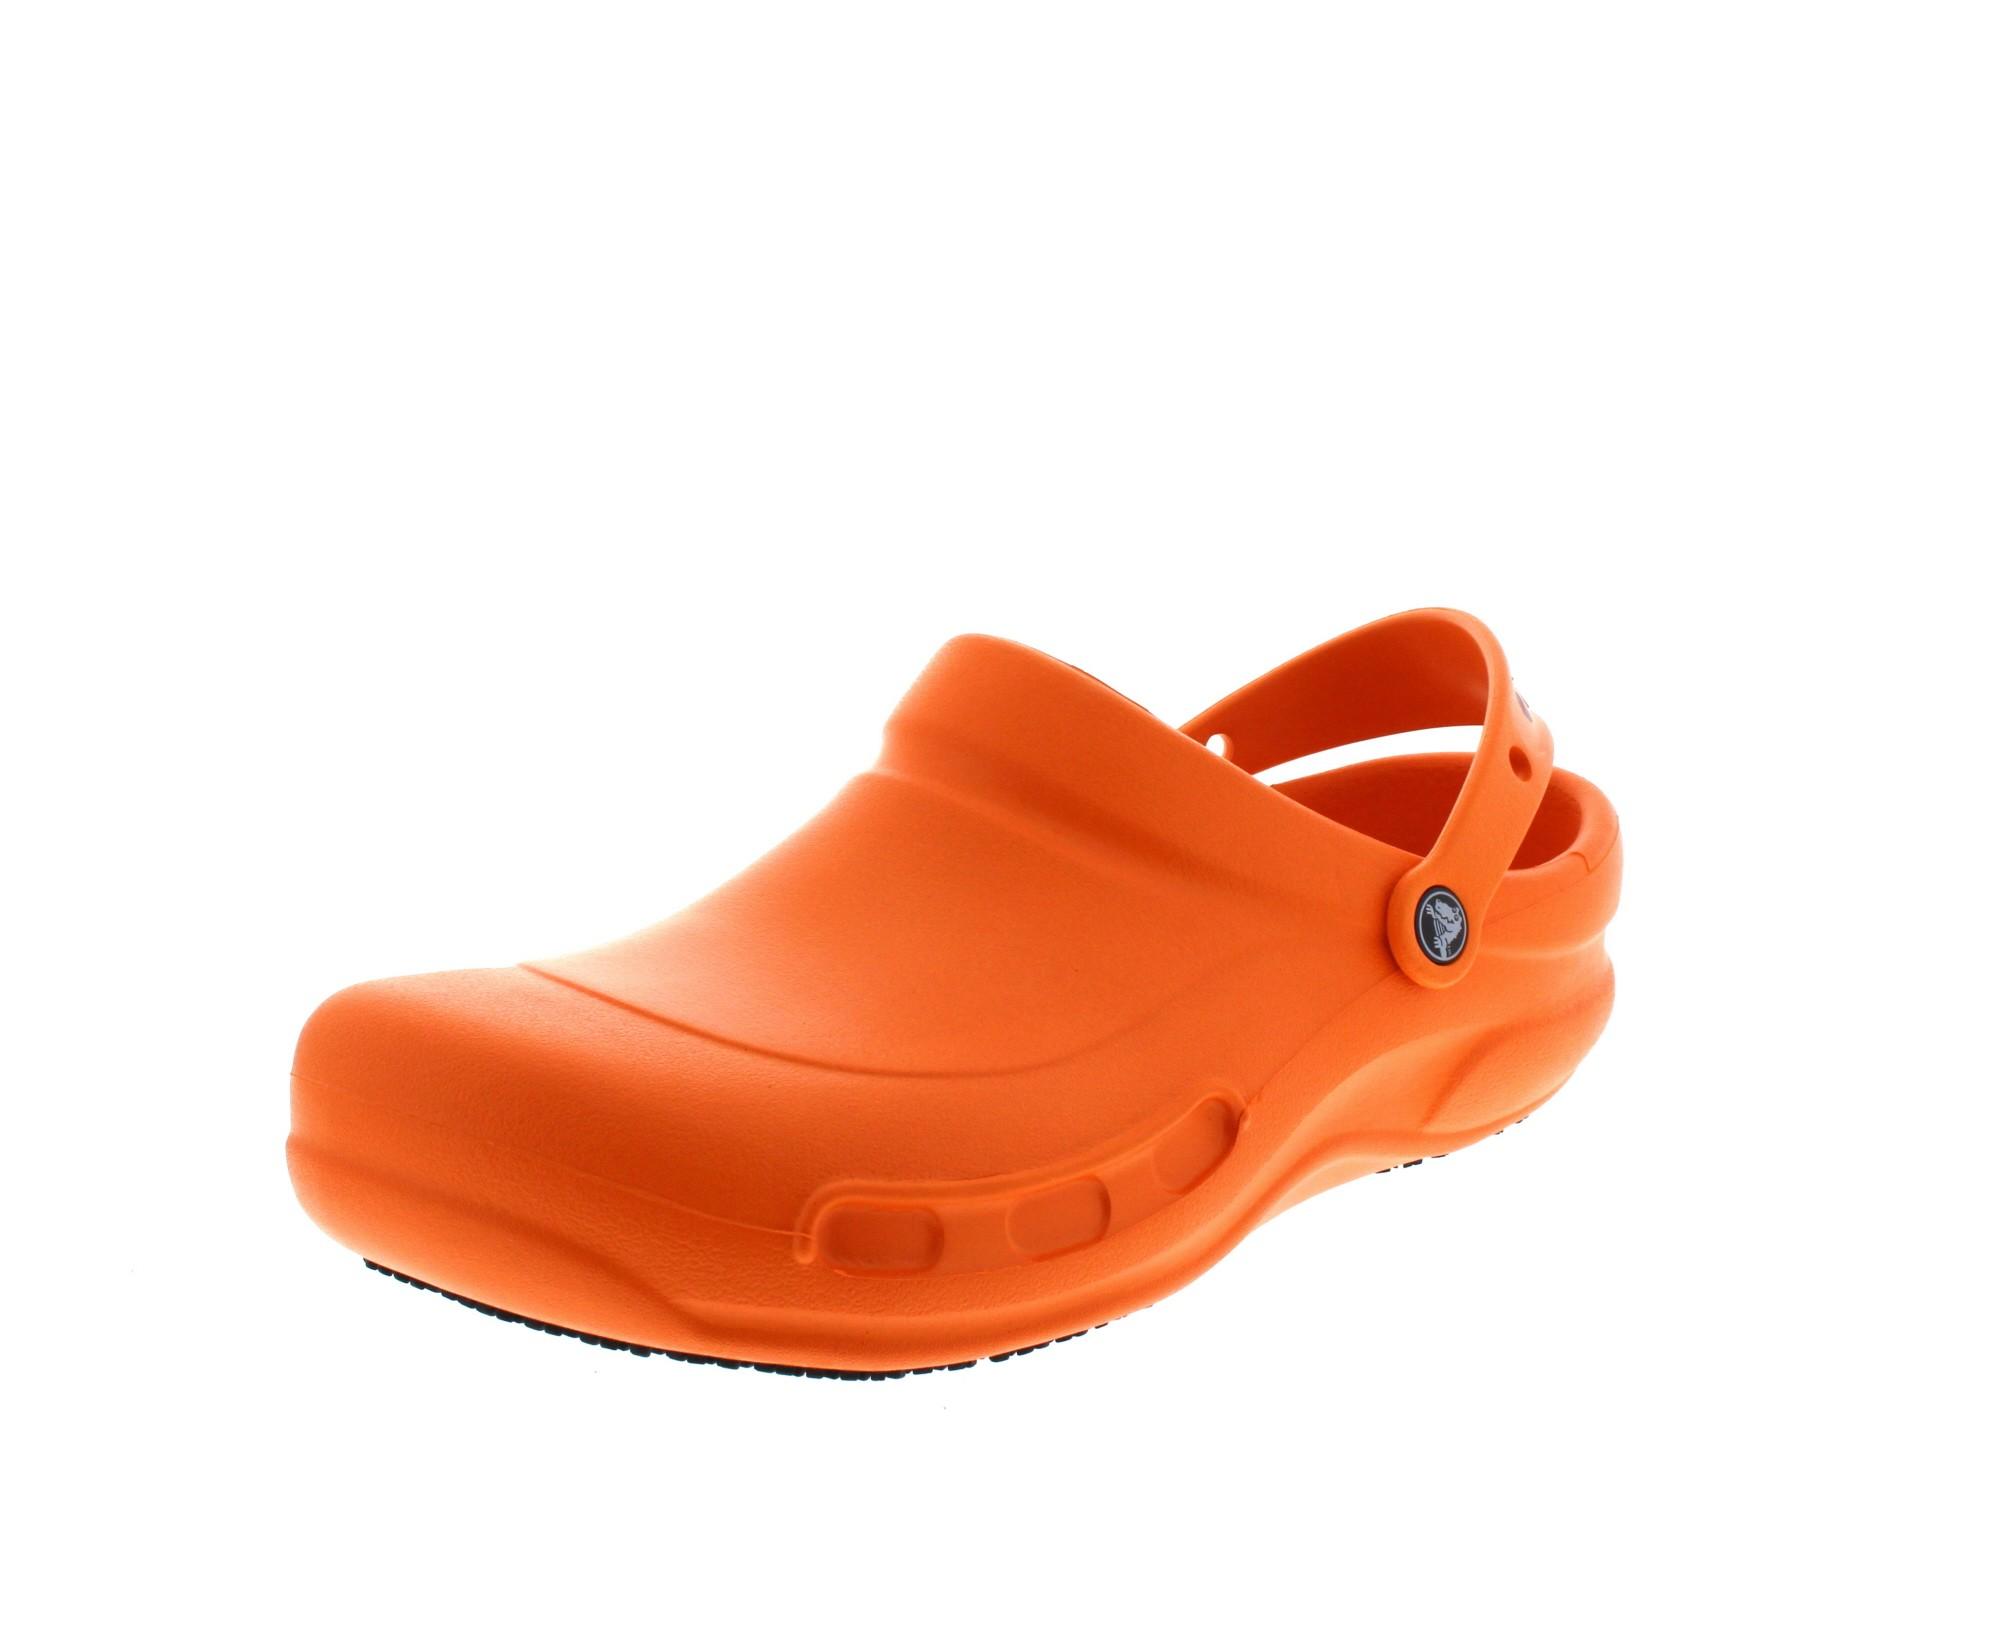 CROCS - BISTRO BATALI EDITION in Übergrößen - orange